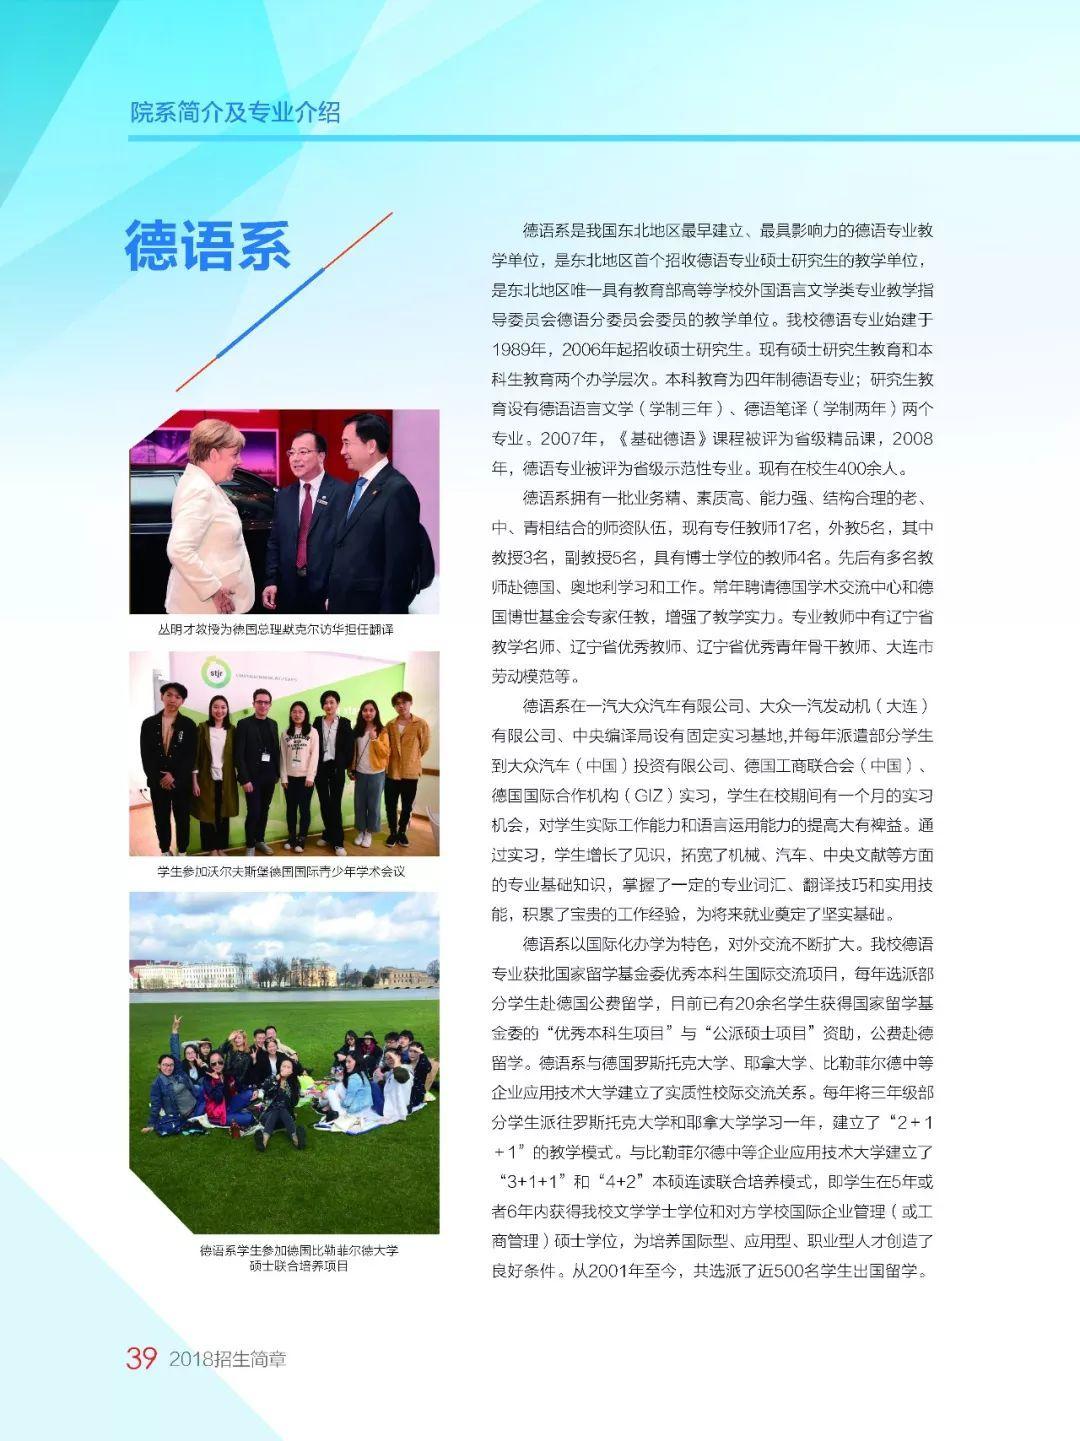 大连外国语大学2018年招生简章值得初中生v大学文章好的图片